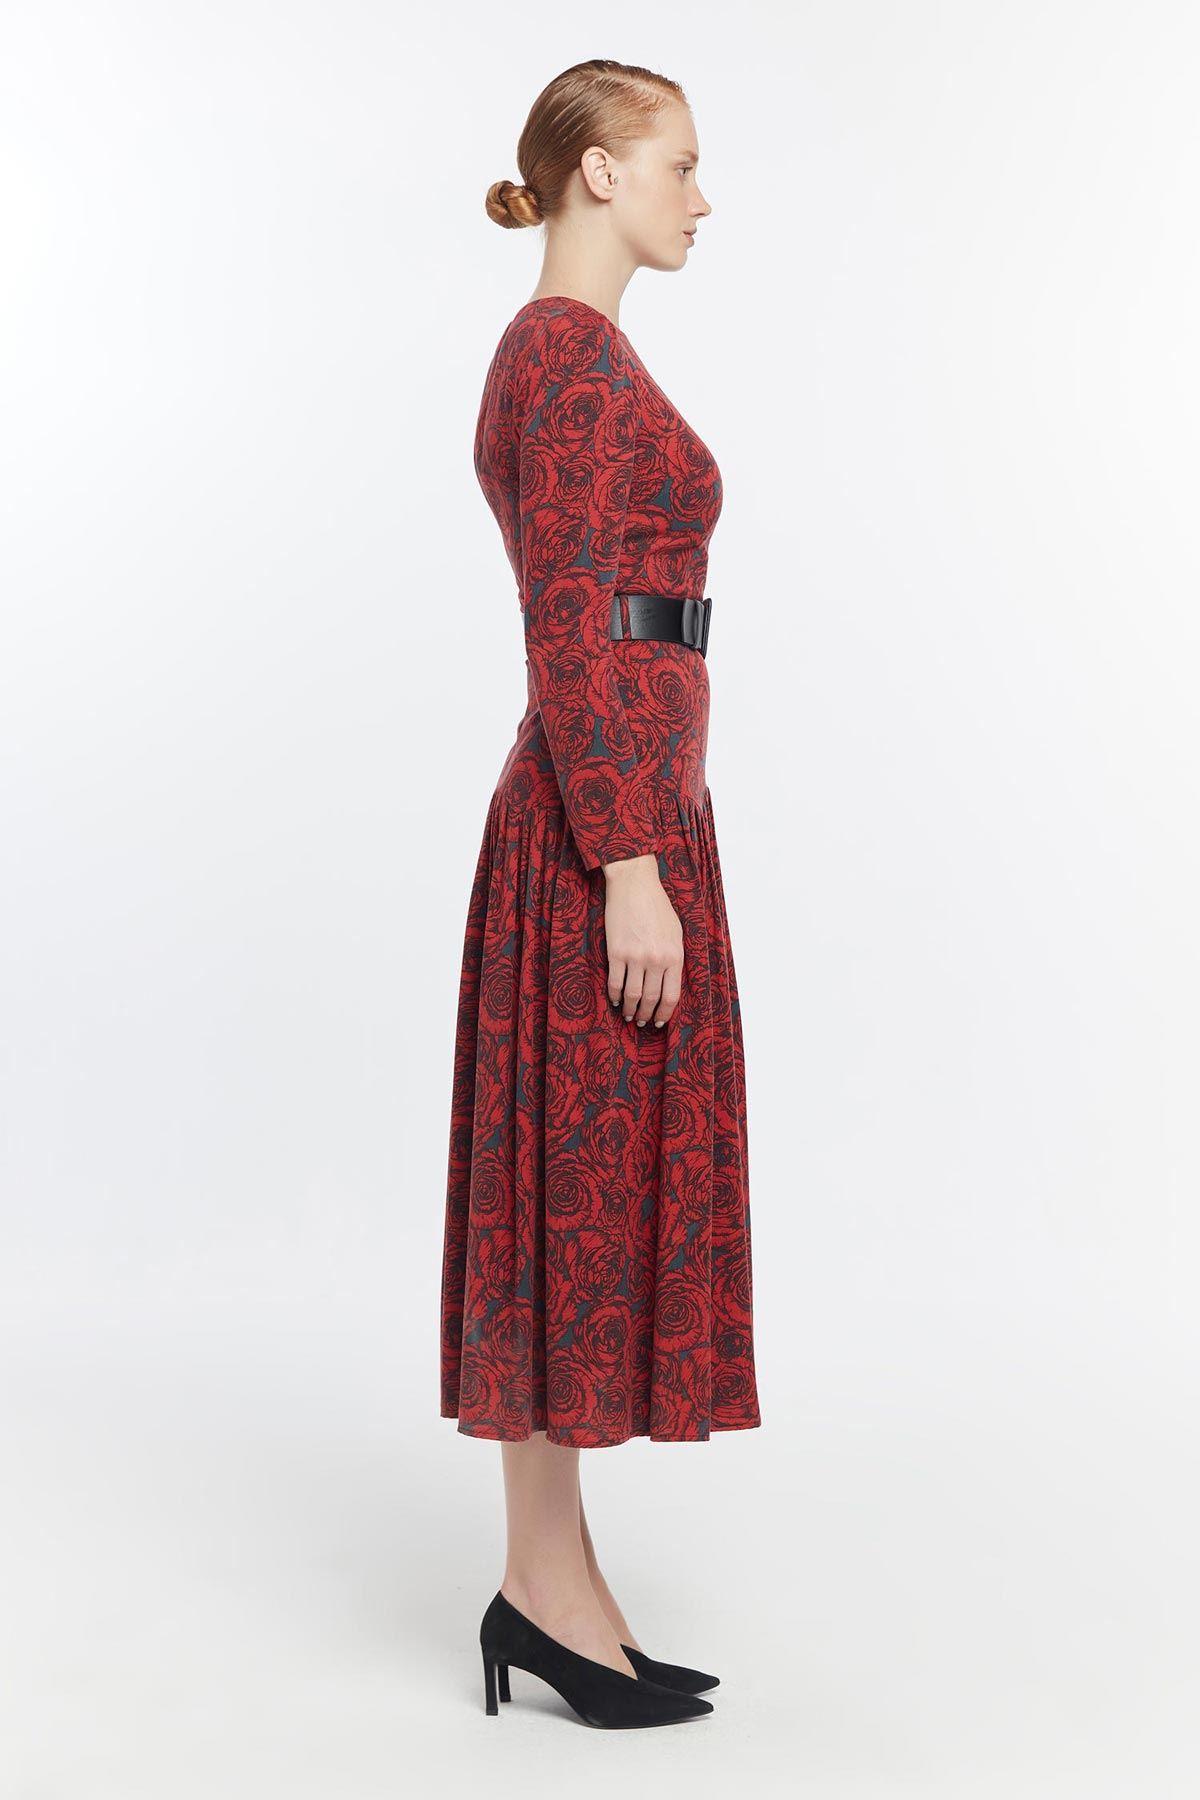 Çiçek desenli pilisole elbise Bordo